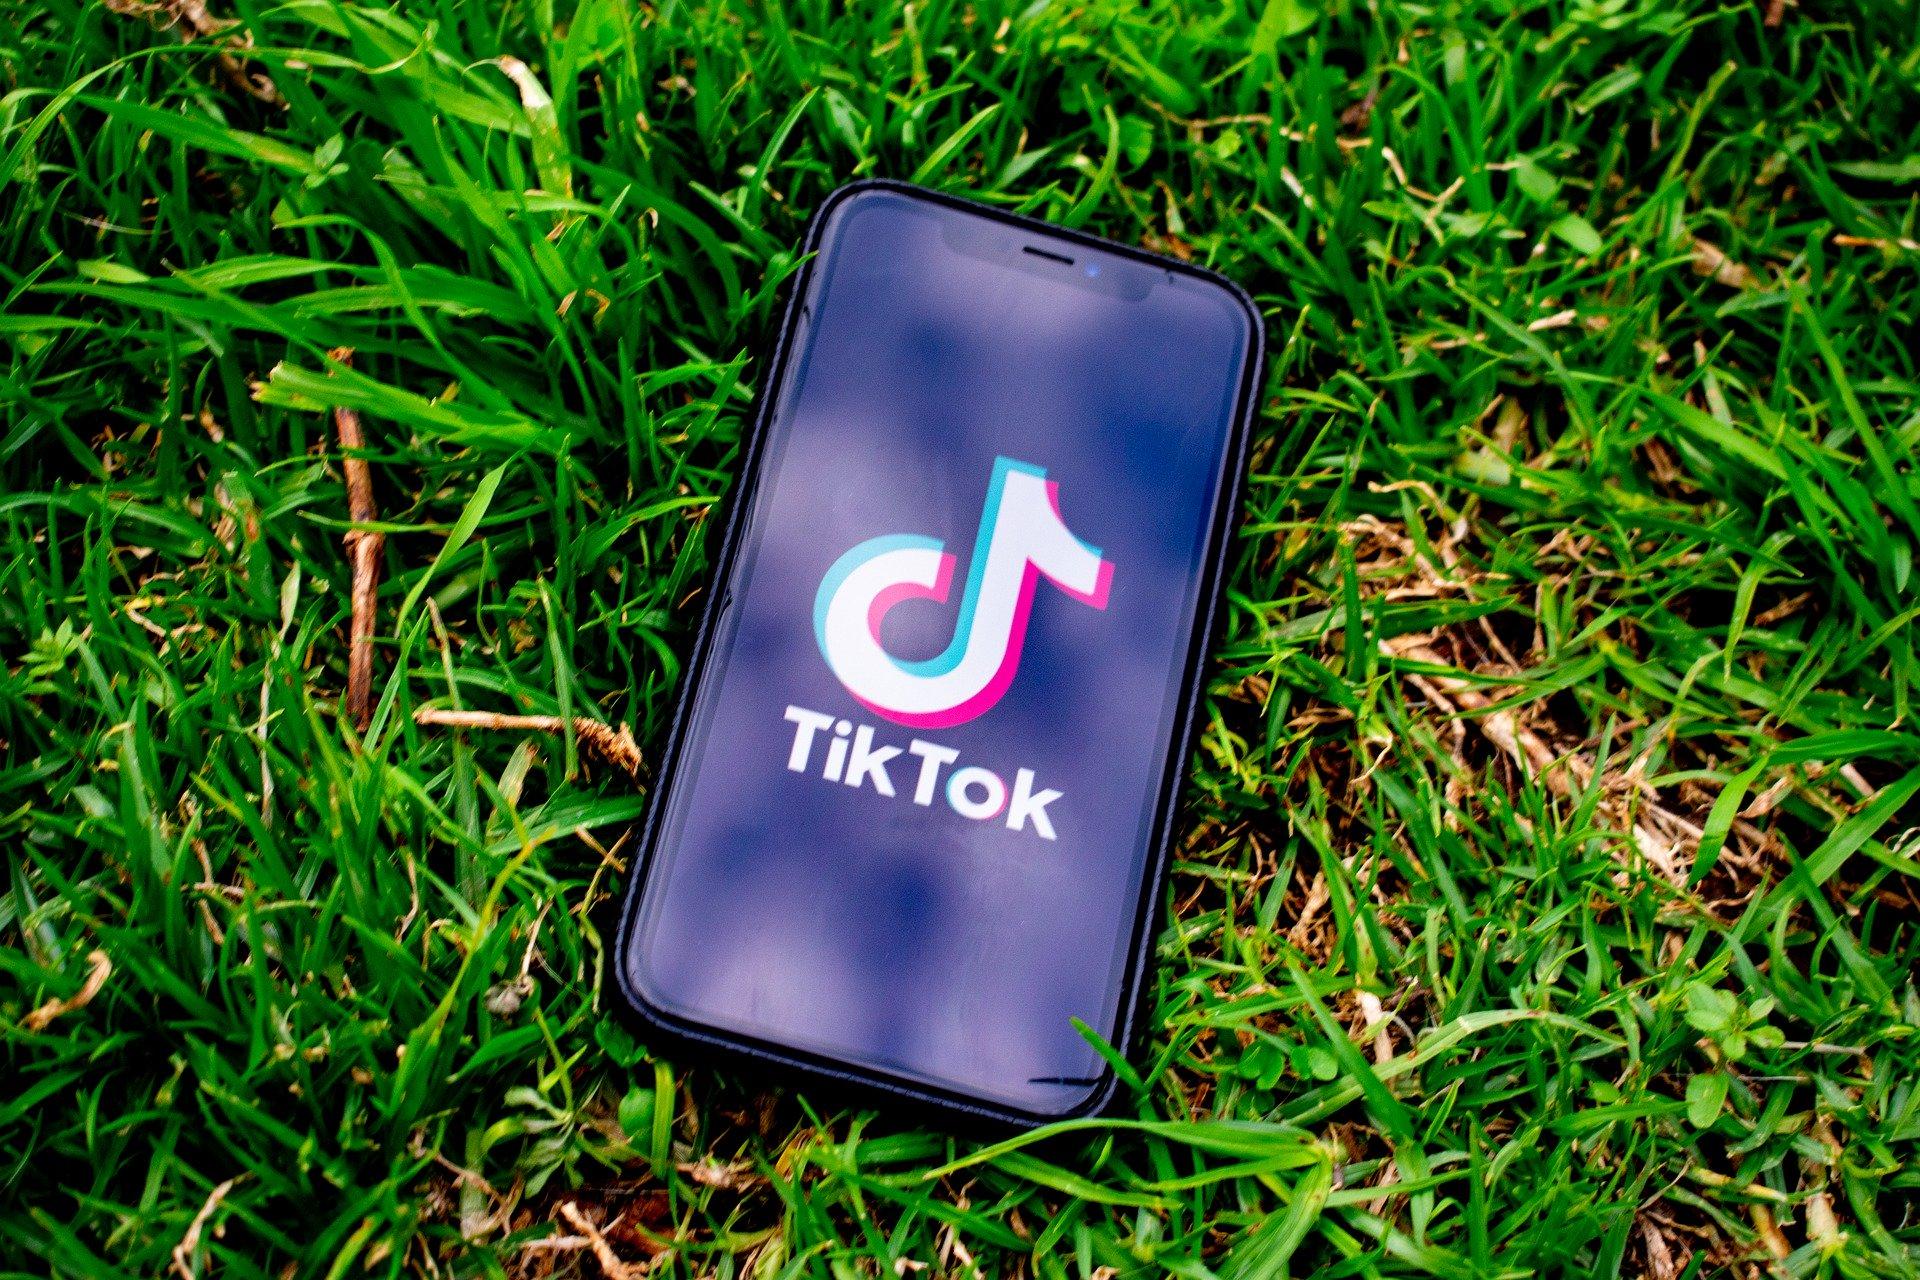 États-Unis contre TikTok : l'épilogue fixé au 15 septembre 2020